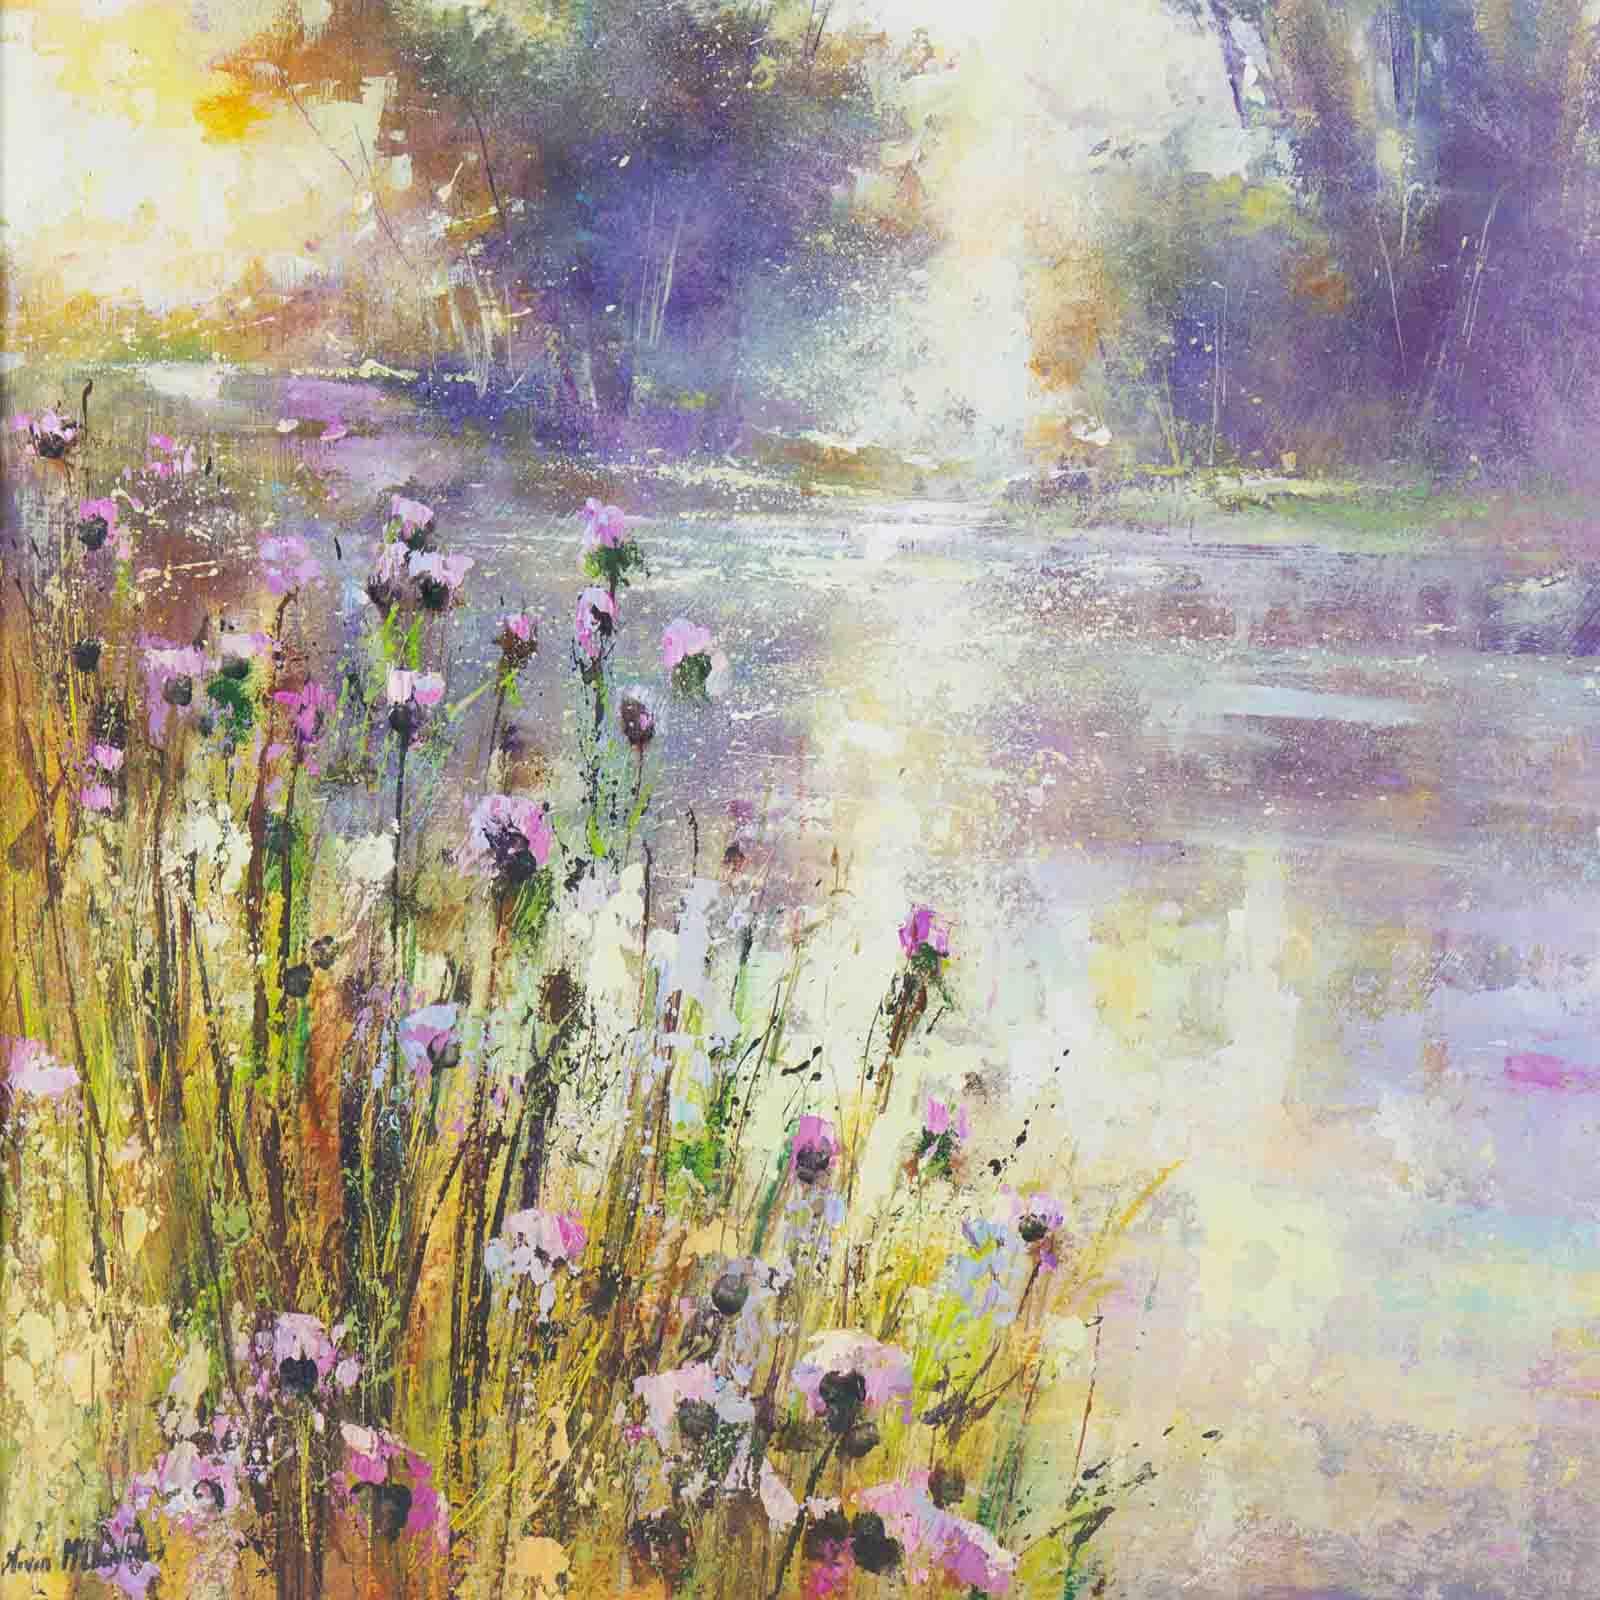 Lilac Streams